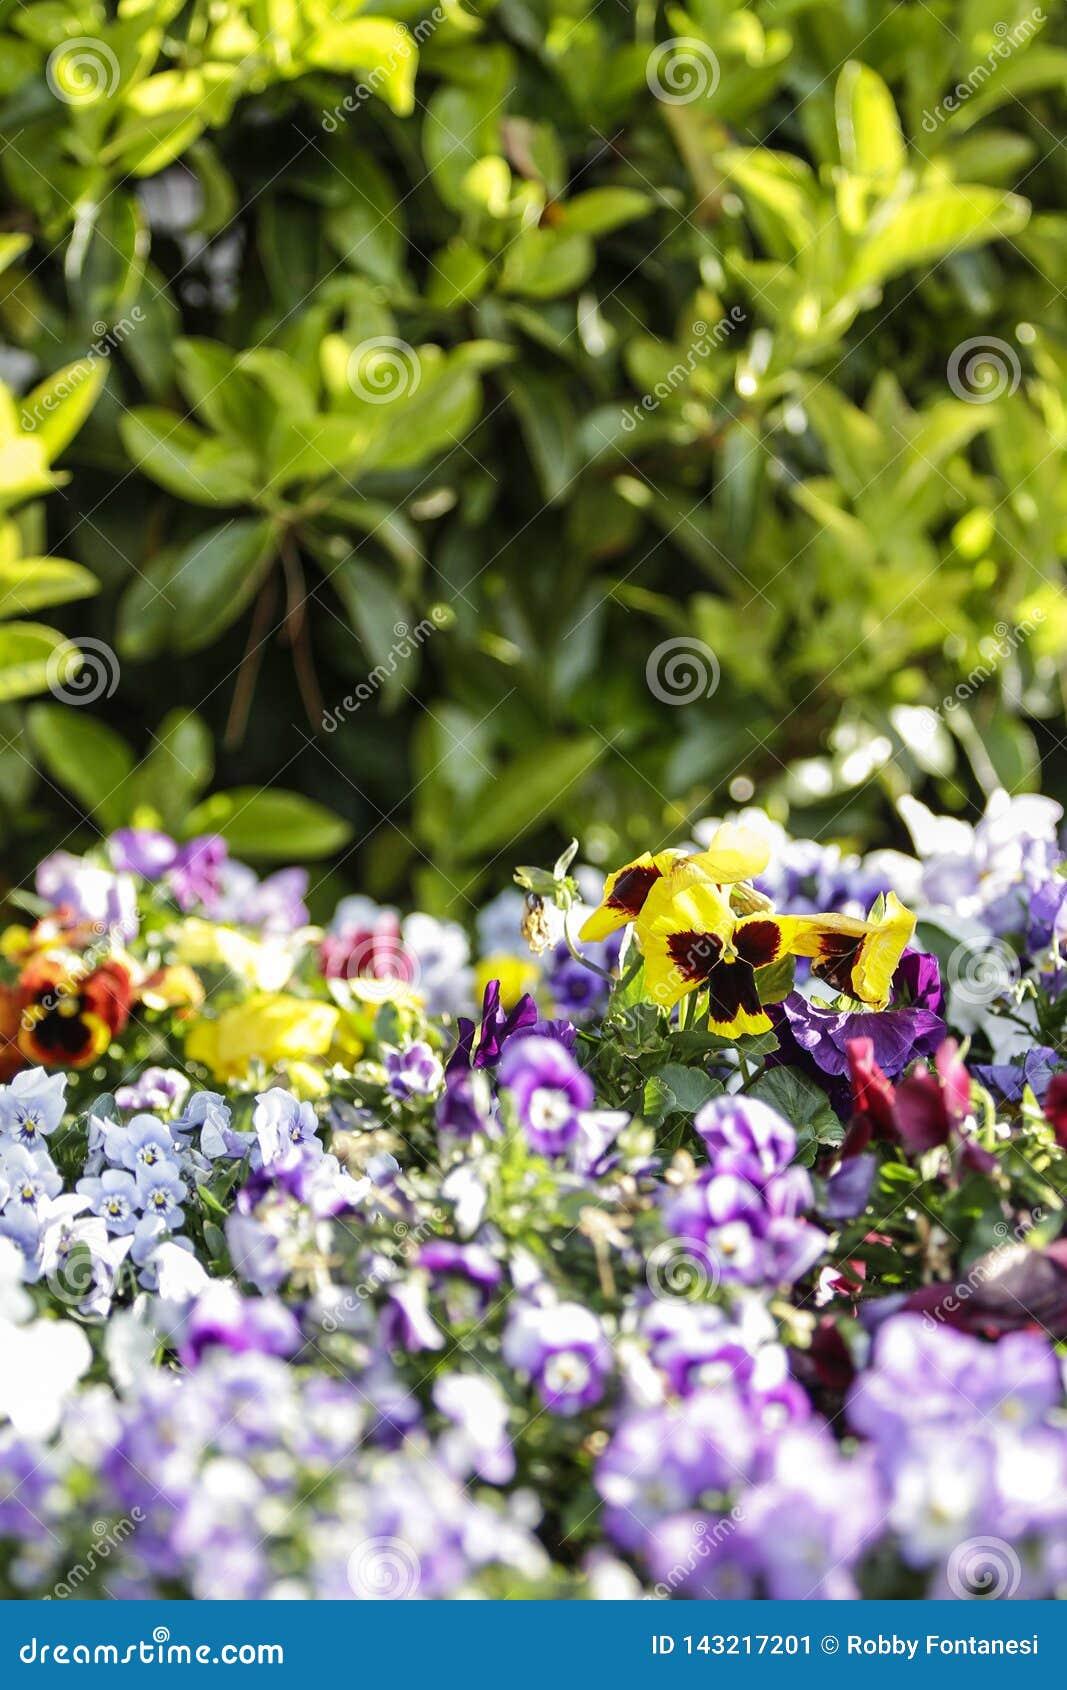 Wiosna: purpurowy i żółty pierwiosnek w selekcyjnej ostrości wśród grupy mieszani barwioni kwiaty w bokeh